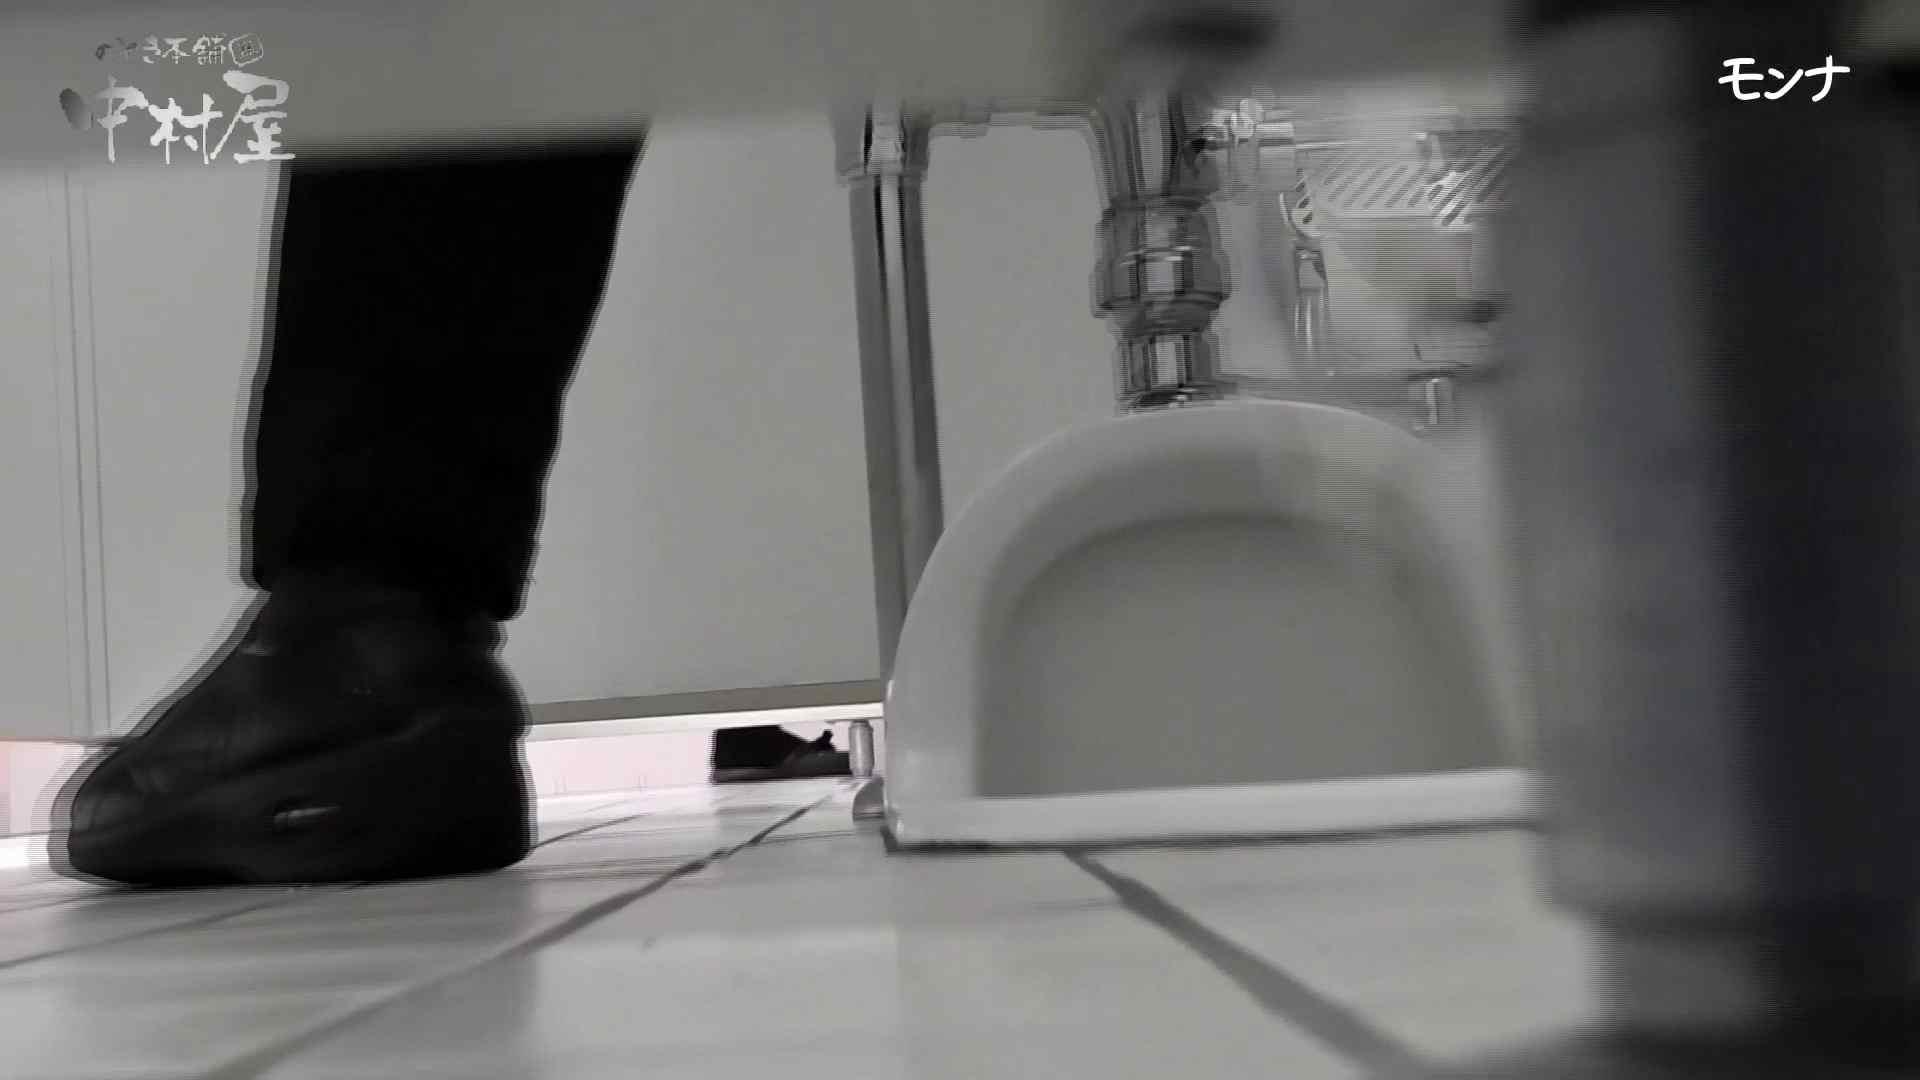 美しい日本の未来 No.47 冬Ver.進化 細い指でほじくりまくる!前編 女性トイレ  79pic 20